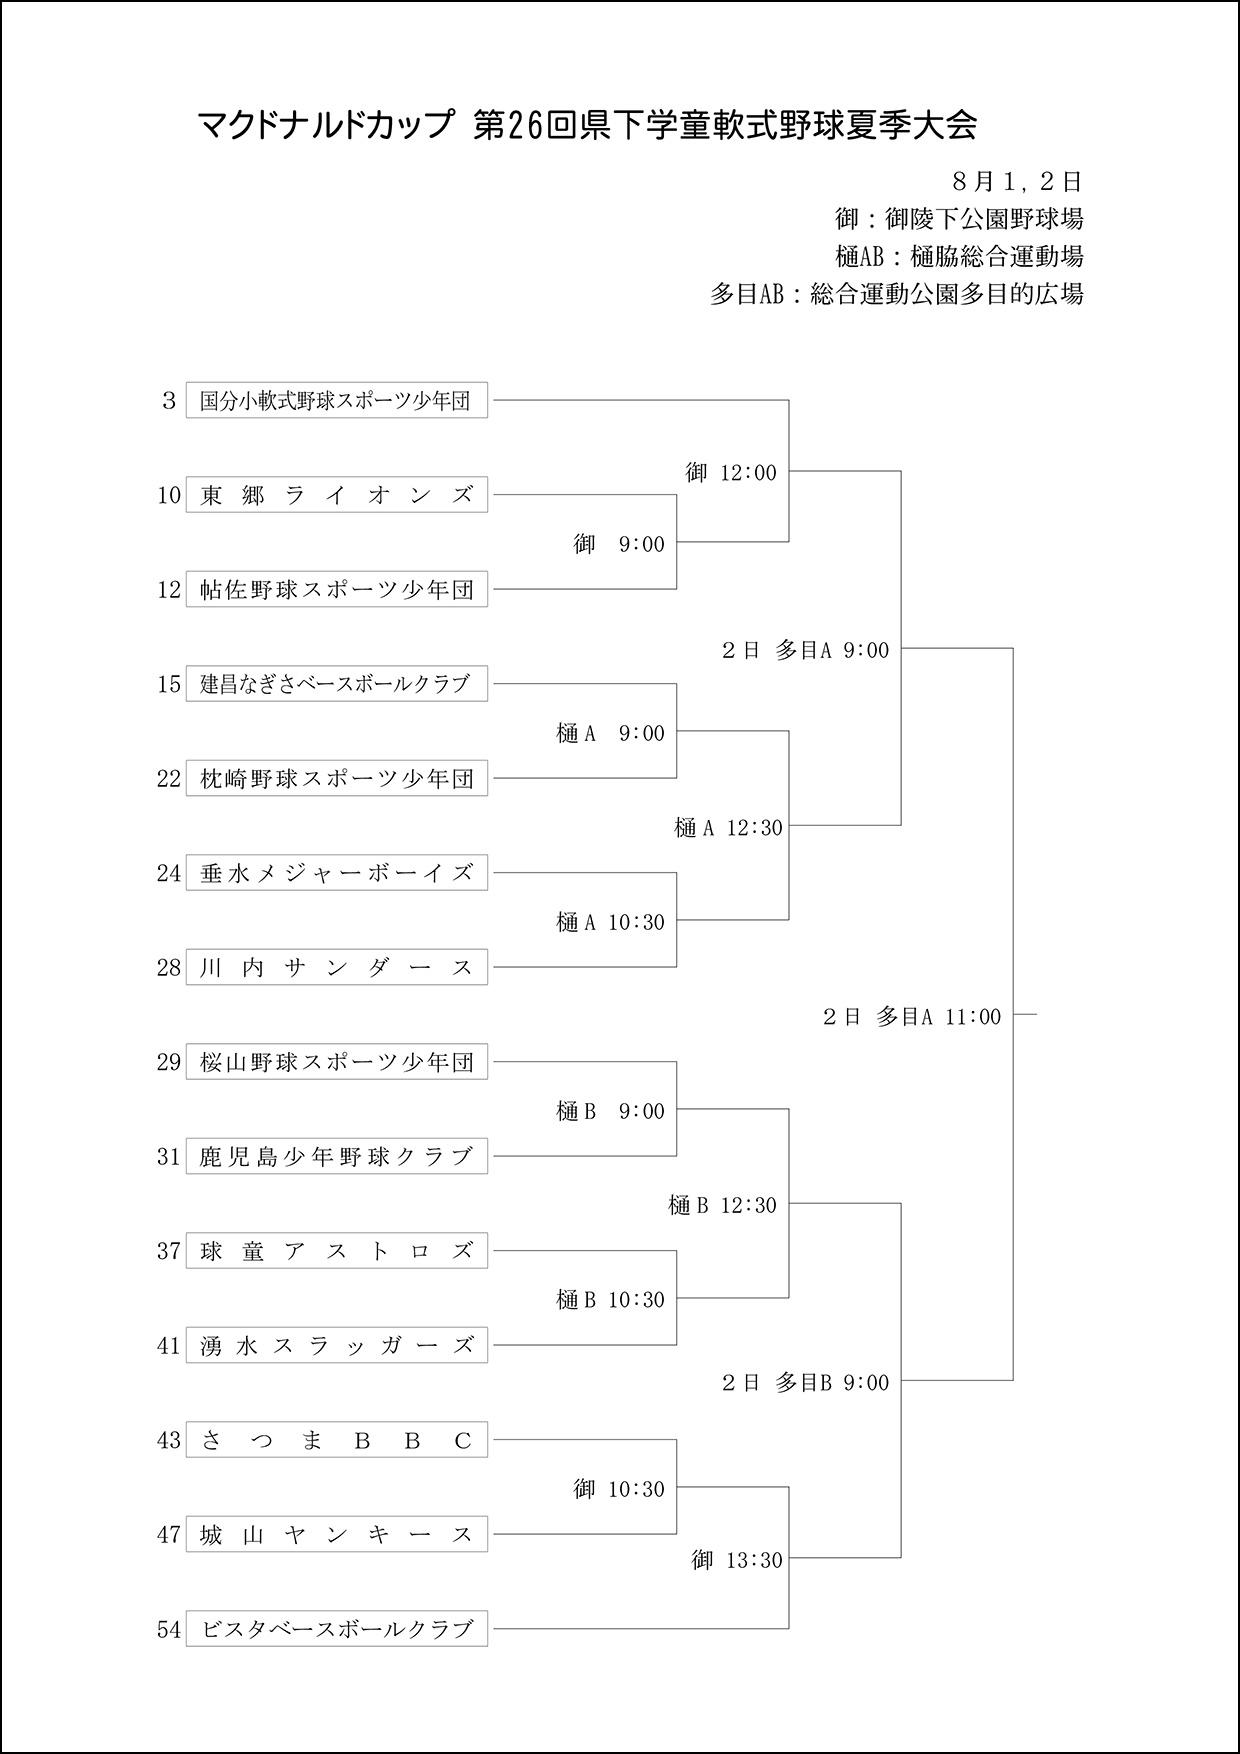 【新日程】マクドナルドカップ-第26回県下学童軟式野球夏季大会